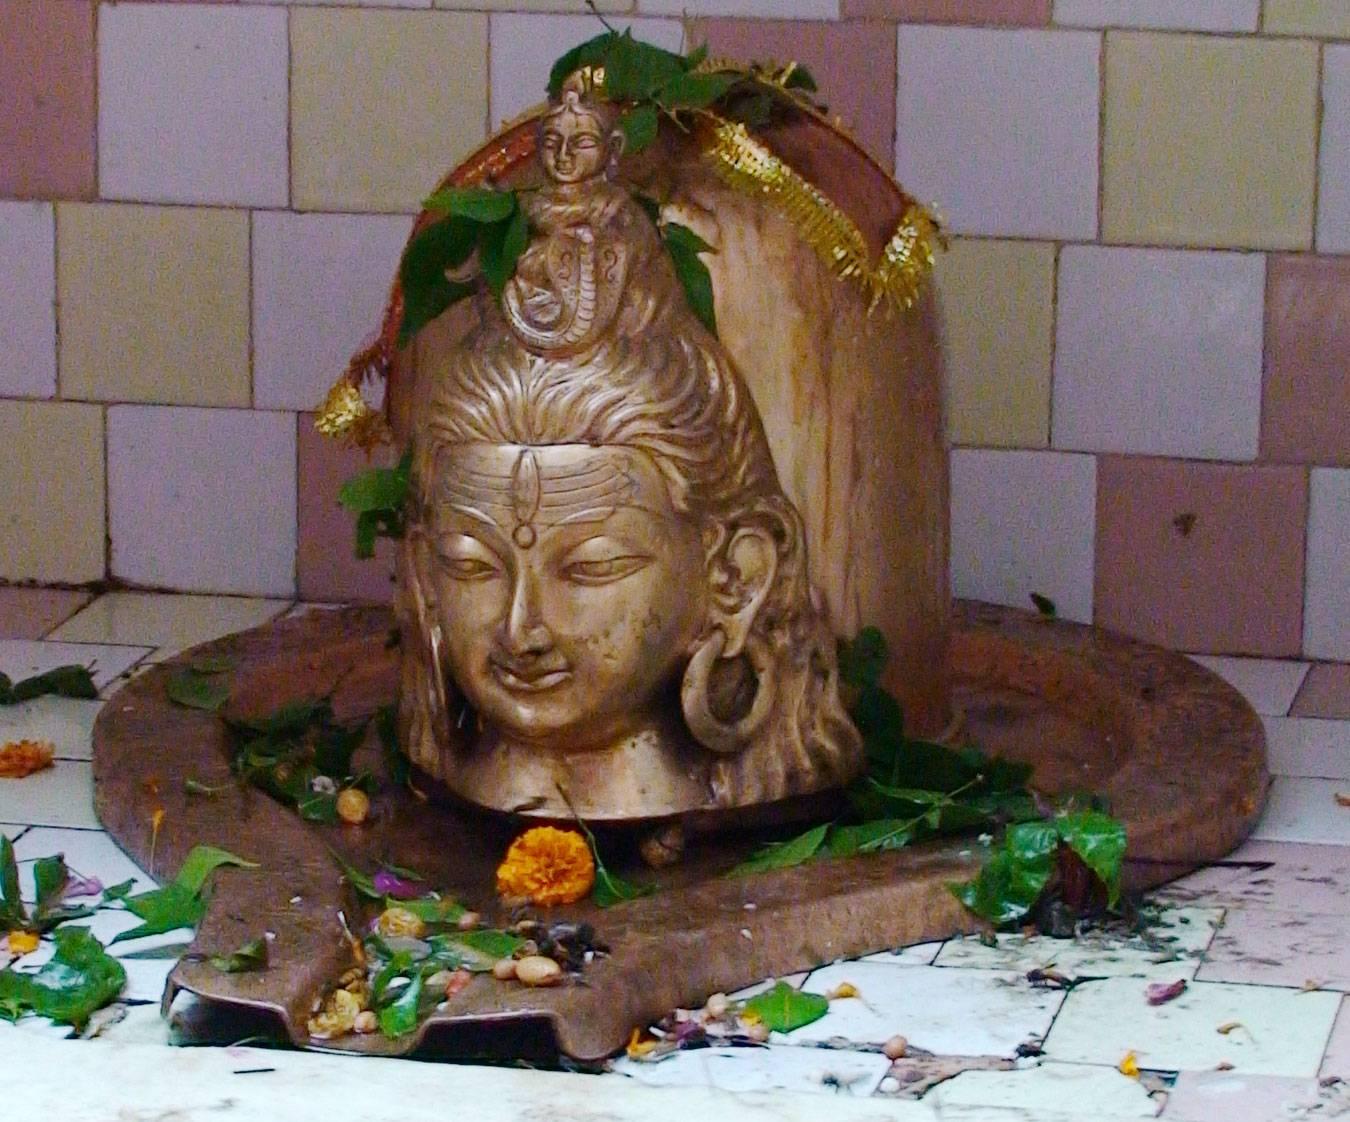 http://2.bp.blogspot.com/-RyZ9xoX1-4Q/TqfNa-iYq8I/AAAAAAAABFI/Rc3xW-0Q1nI/s1600/Lord-Shiva-Lingam.jpg